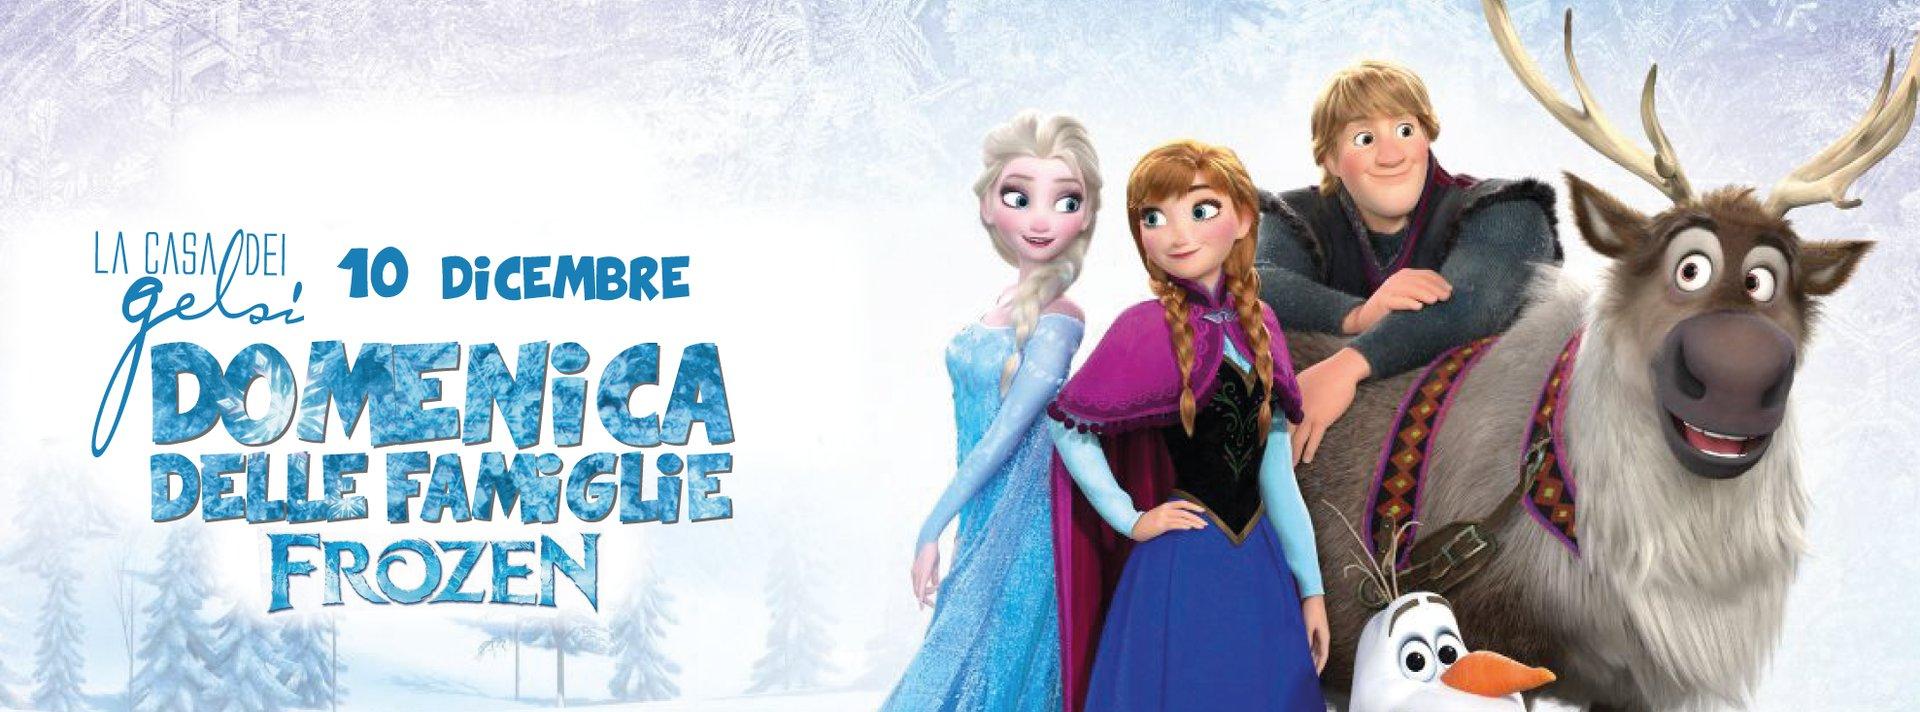 Frozen ai Gelsi - 10 dicembre 2017